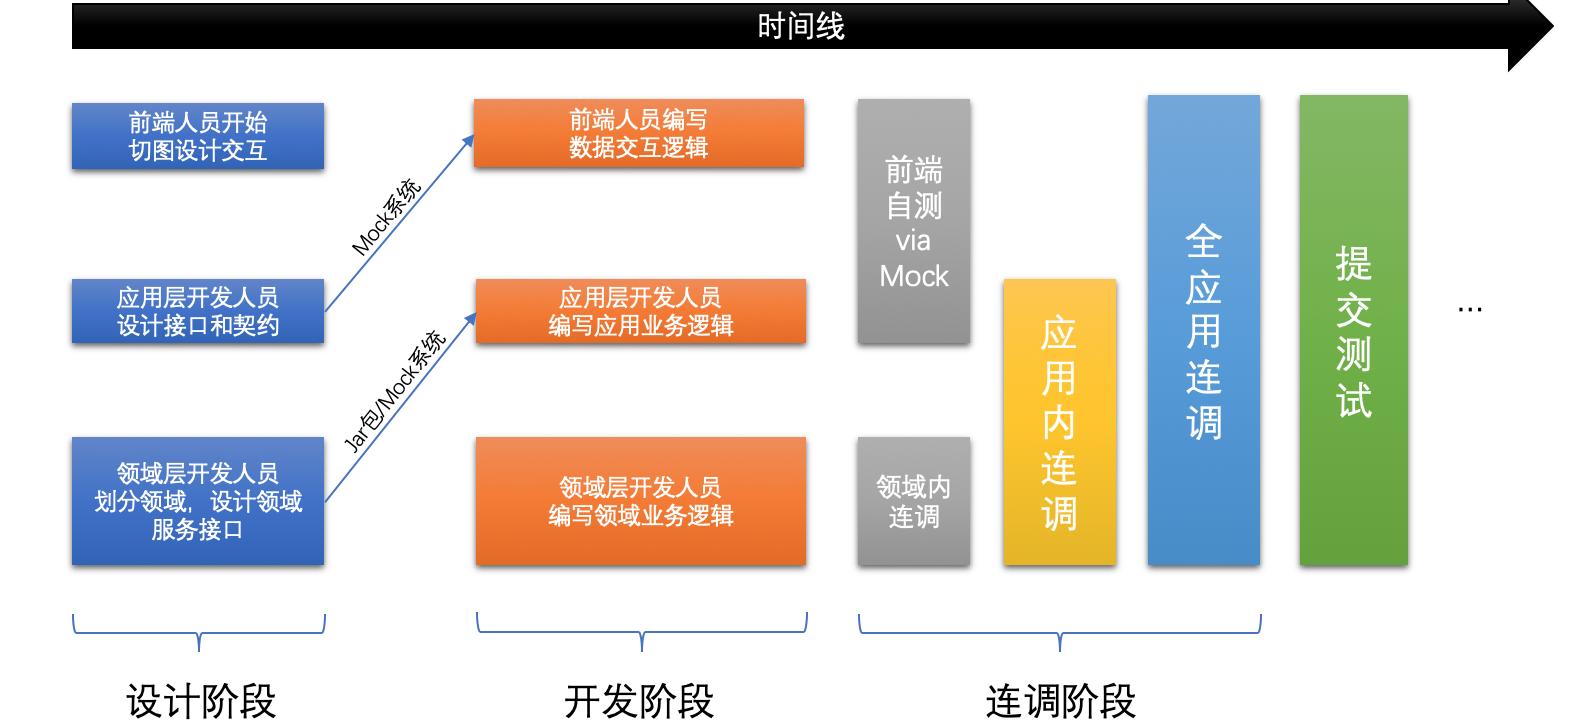 浅谈微服务体系中的分层设计和领域划分6